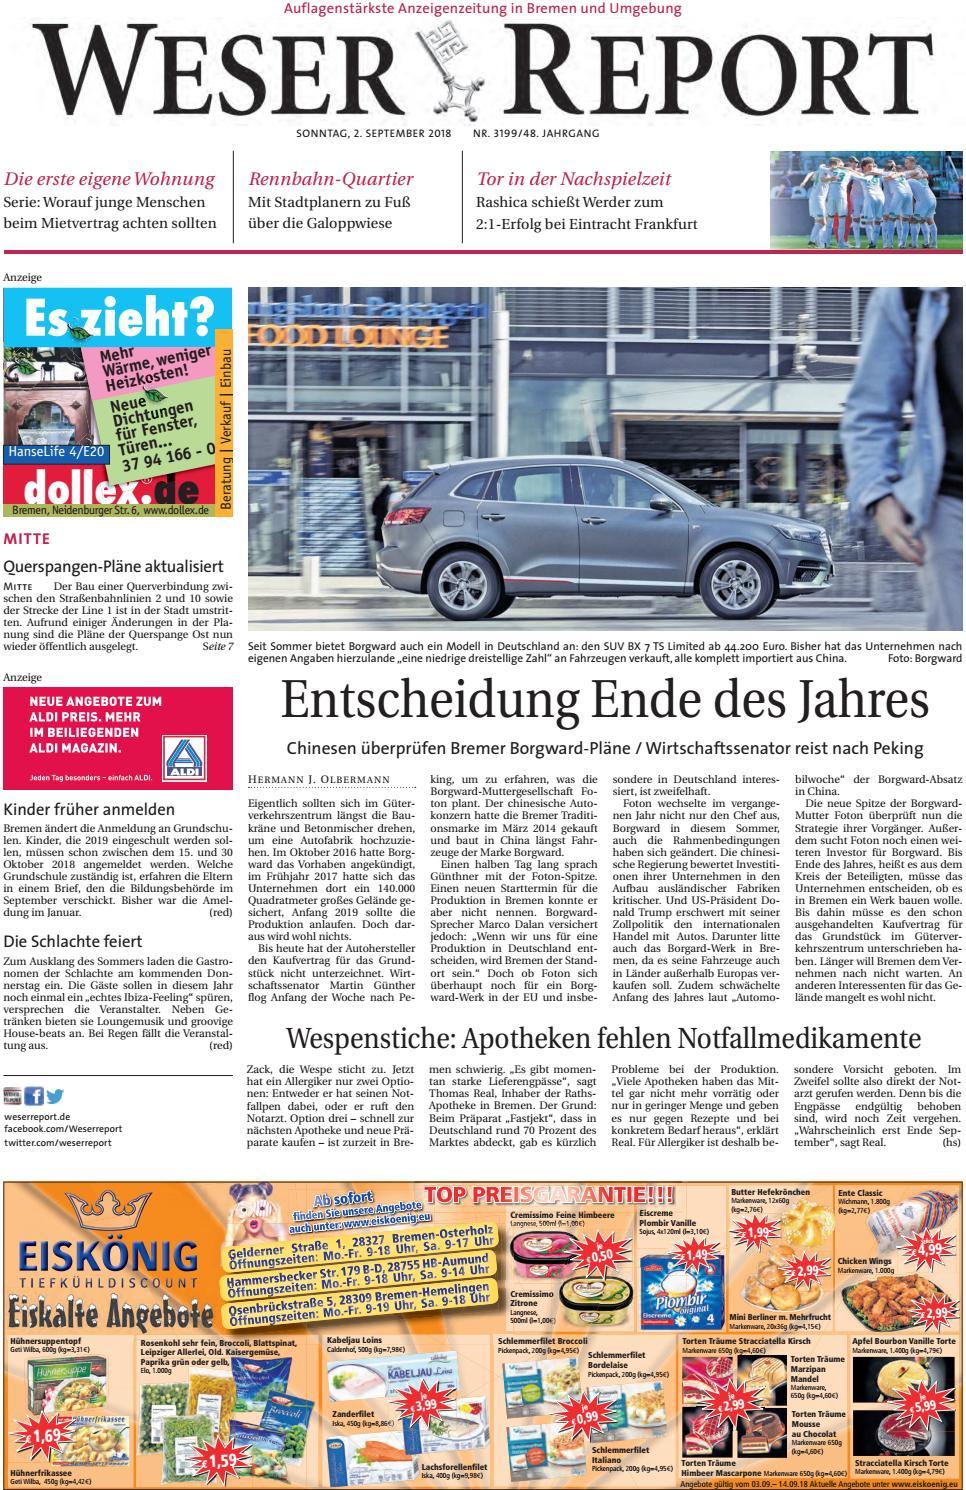 Weser Report - Mitte vom 02.09.2018 by KPS Verlagsgesellschaft mbH ...